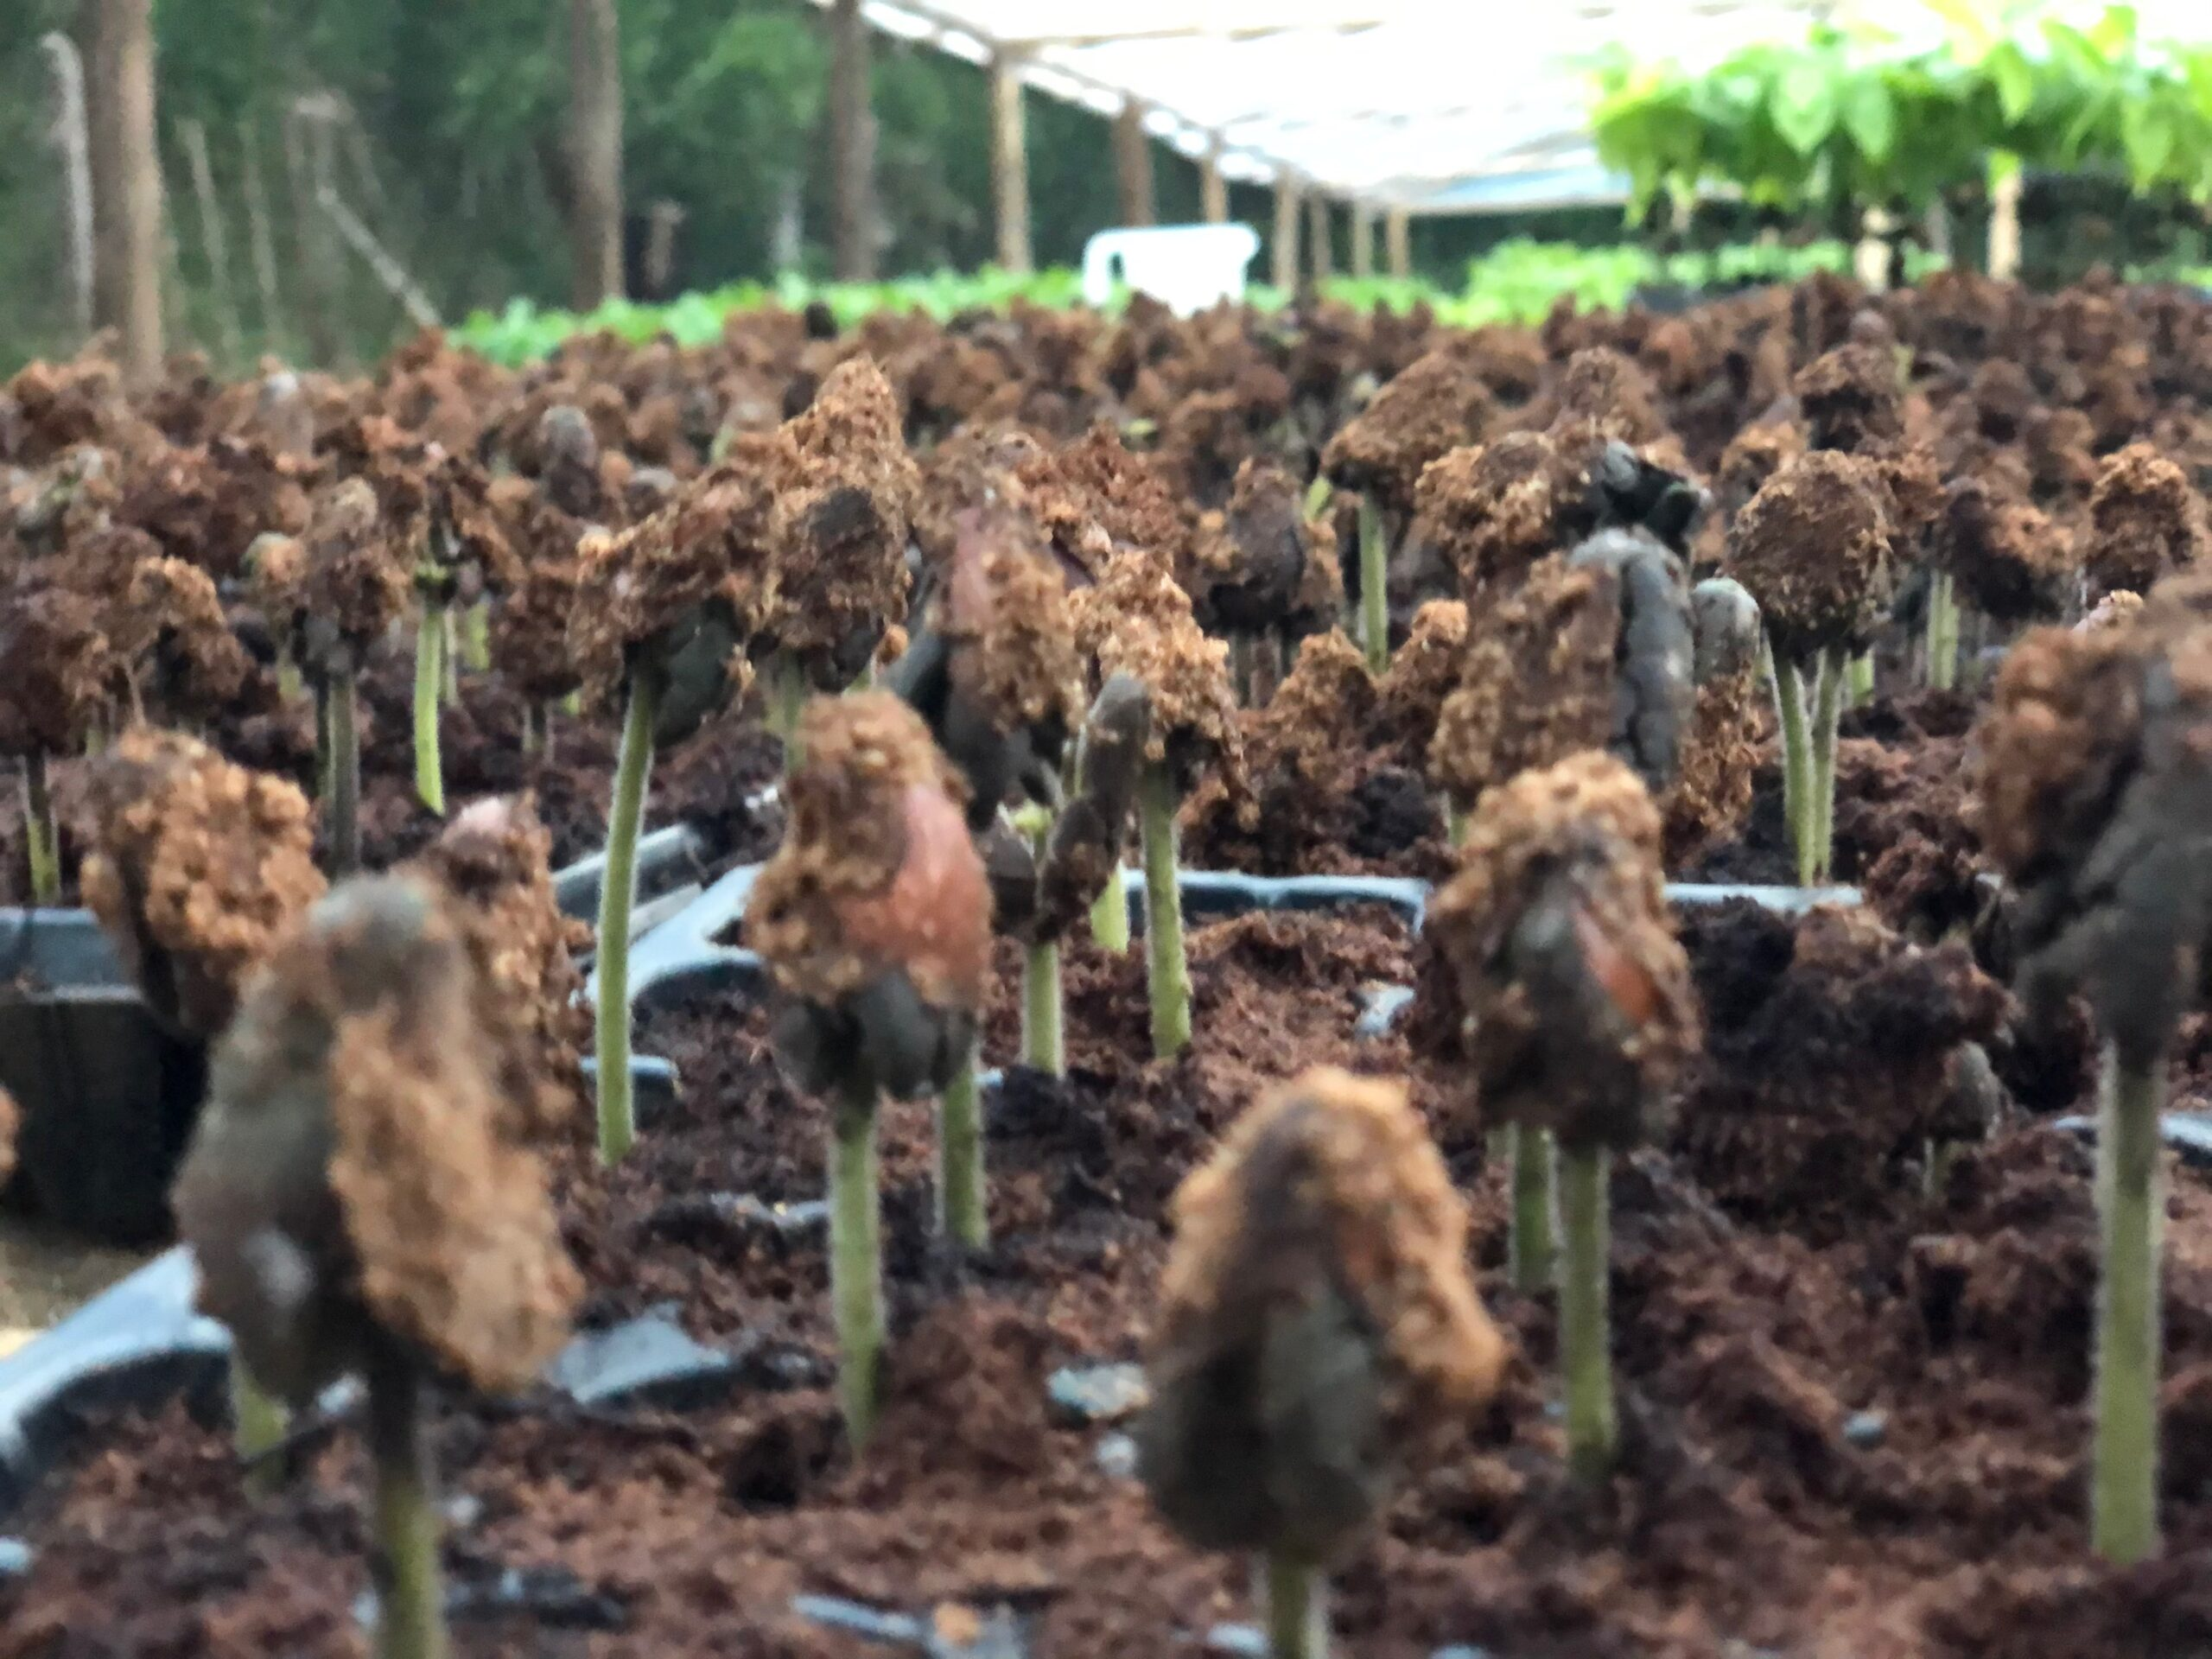 Semillas de cacao recién germinadas